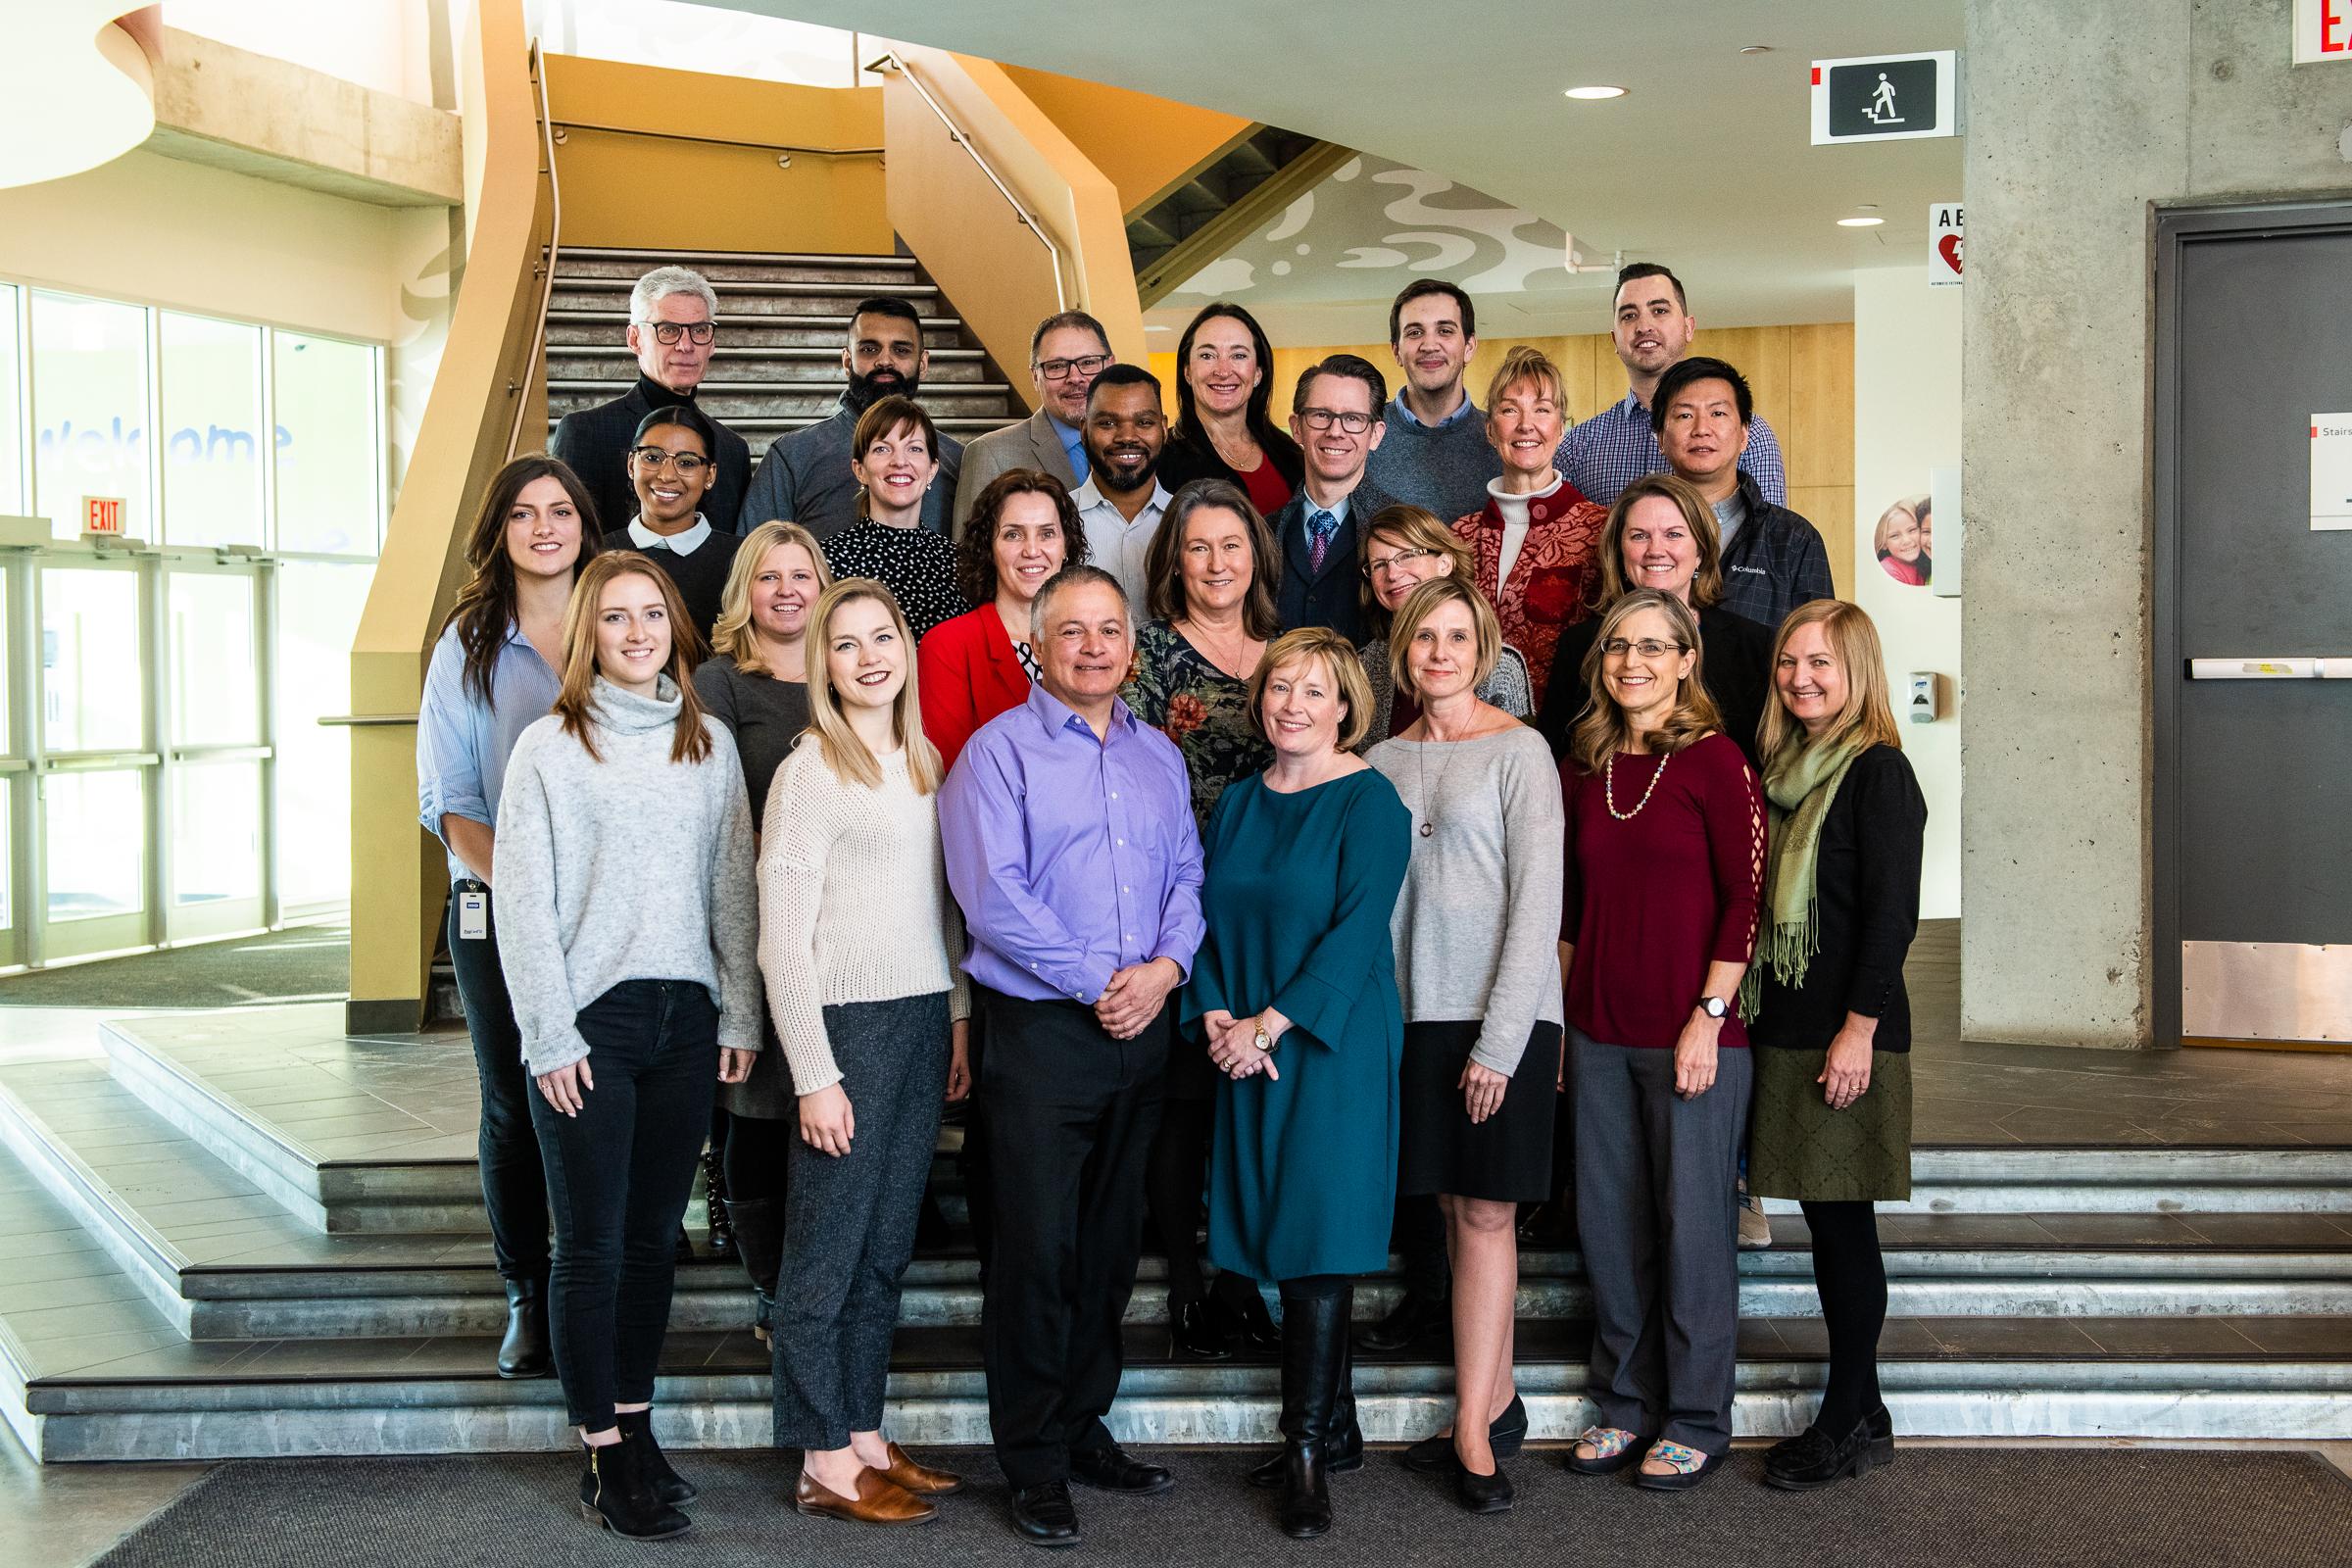 EmploymentWorks <br>Headquarters Team